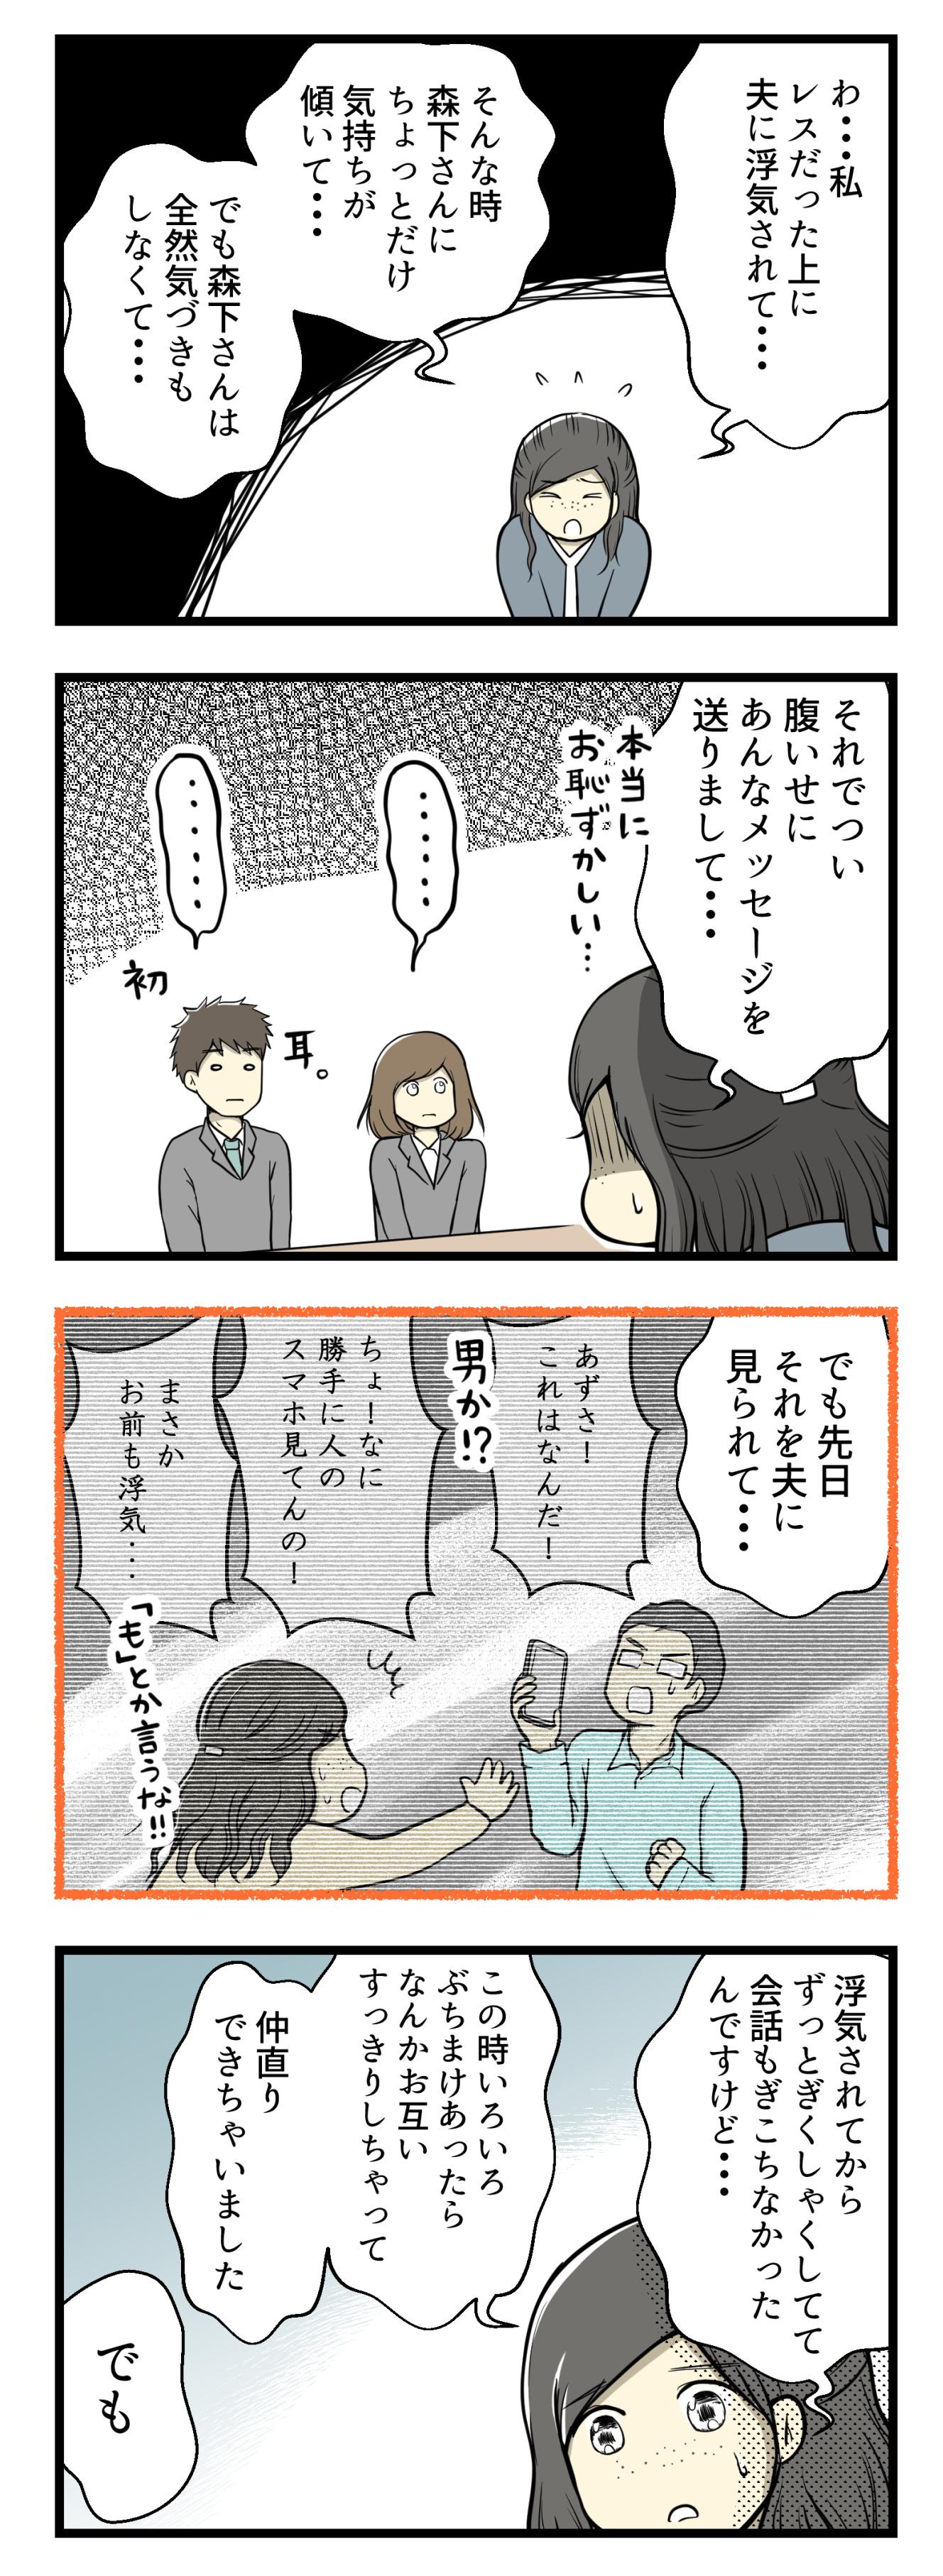 【連載】企画営業みつきの葛藤~仕事と妊活、どちらか選ばなきゃいけないの?~:最終話